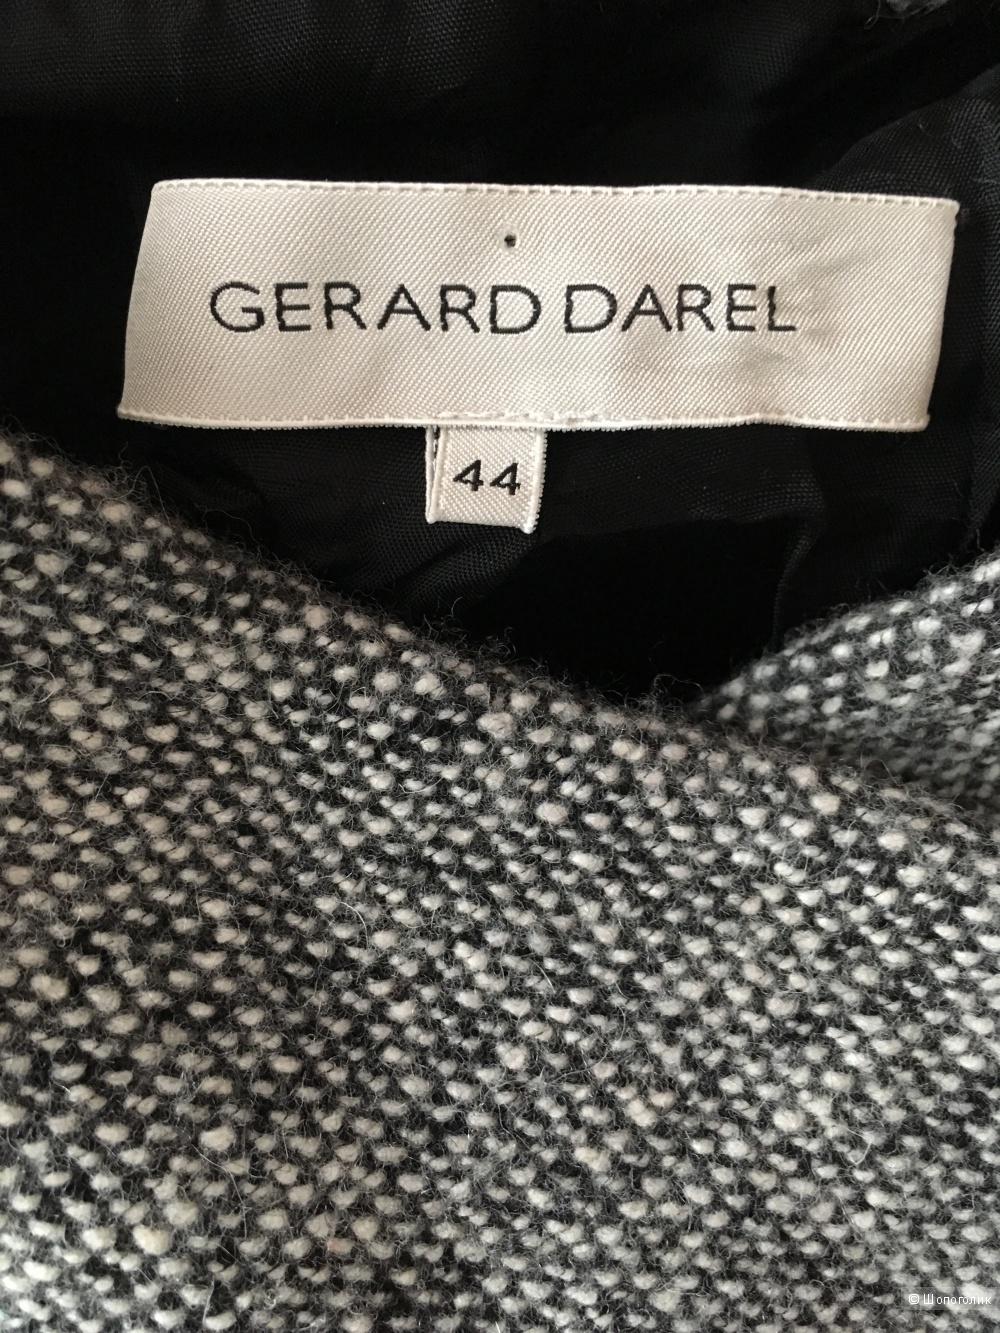 Пиджак с кашемиром Gerard Darrel, 48-50 размер